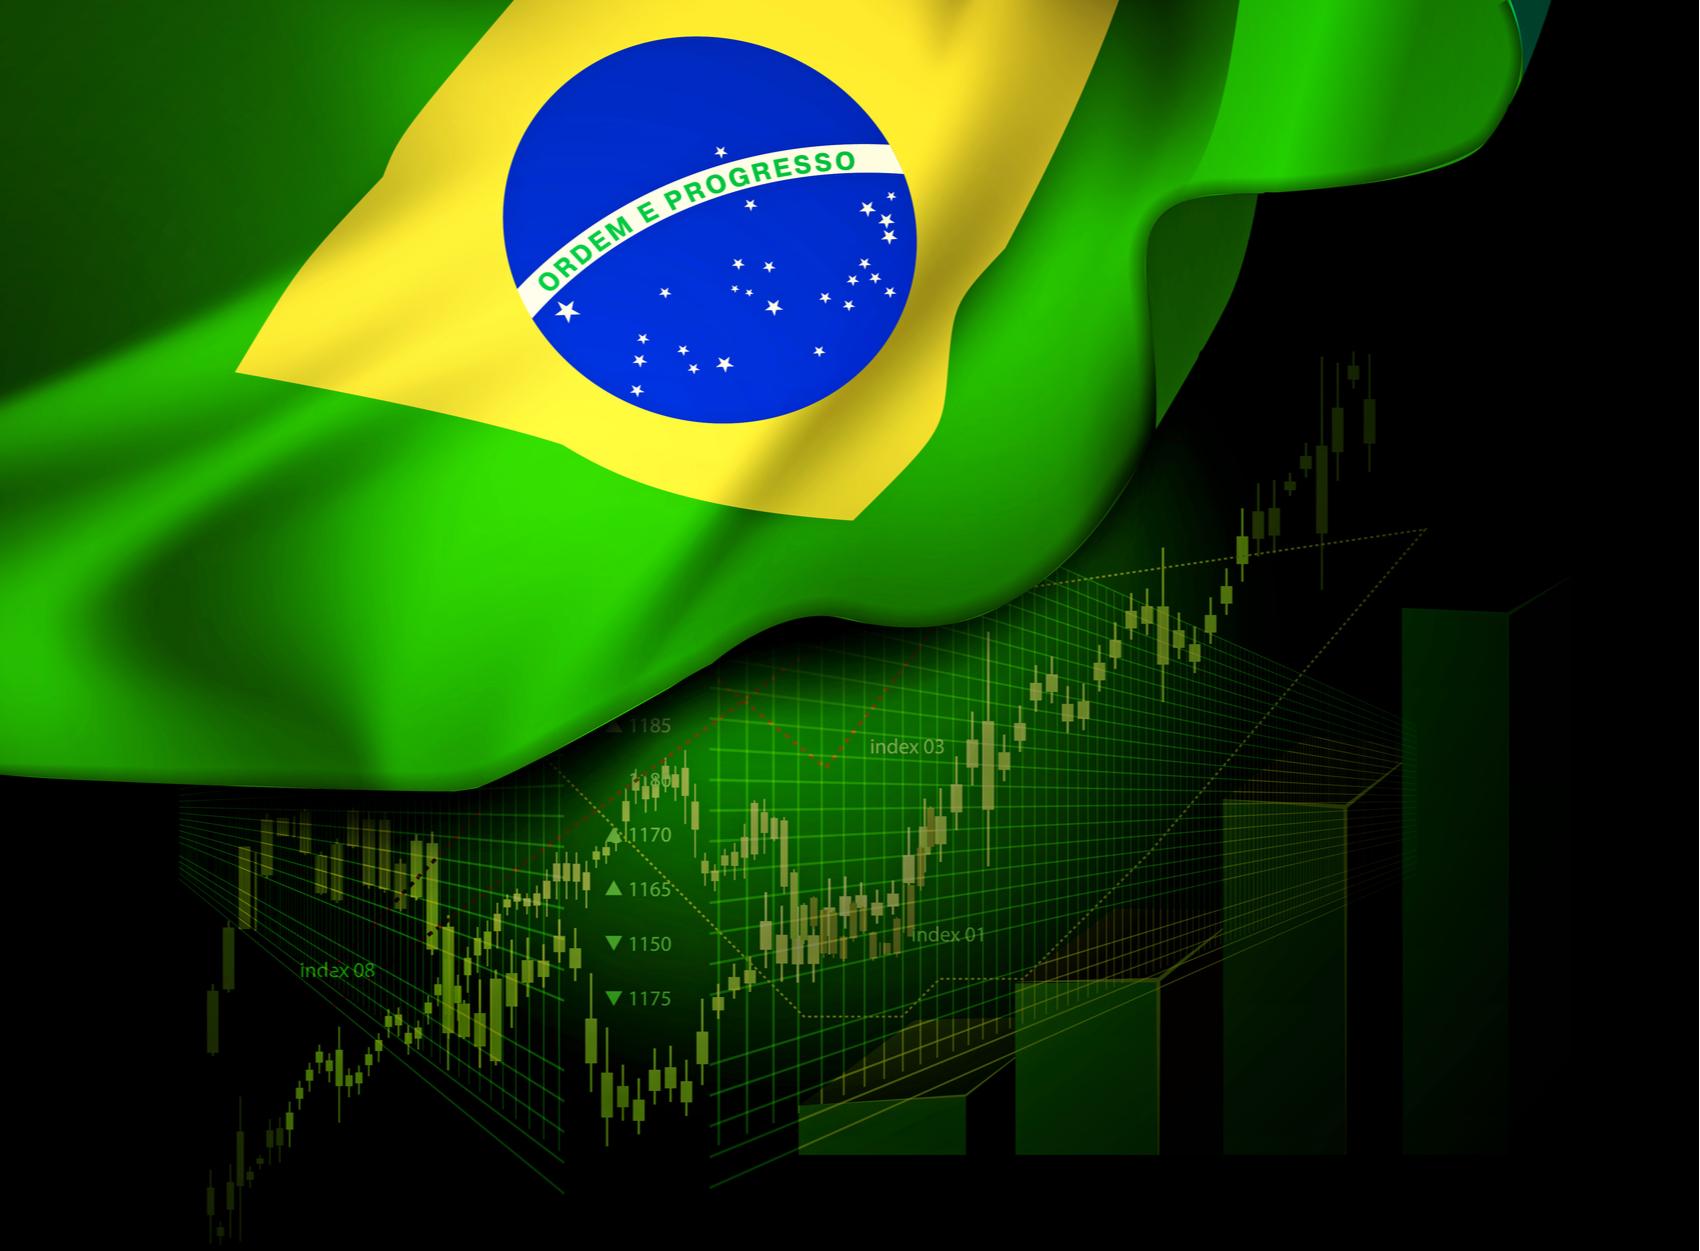 Reunião da OPEP, PIB do Brasil e relatório de emprego nos EUA: o que acompanhar nesta semana thumbnail